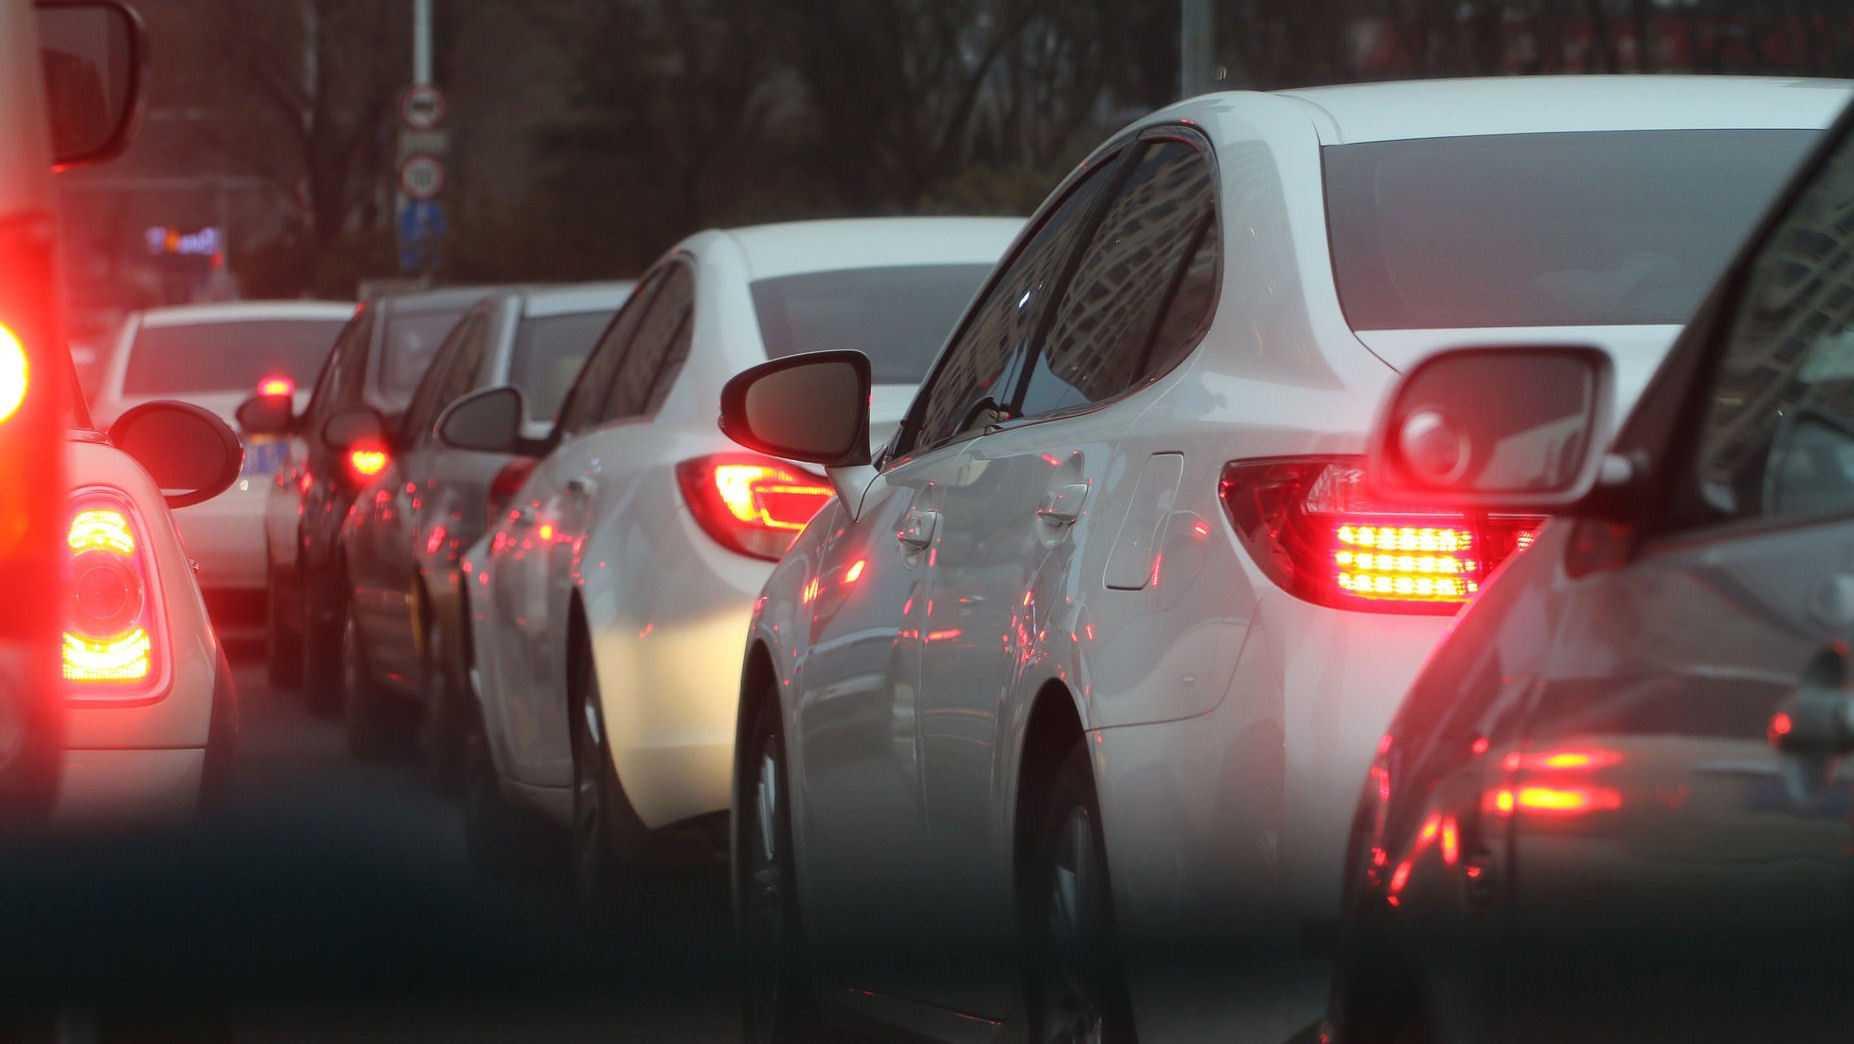 Diesel-Fahrverbote: Geplante Massenüberwachung erhitzt die Gemüter